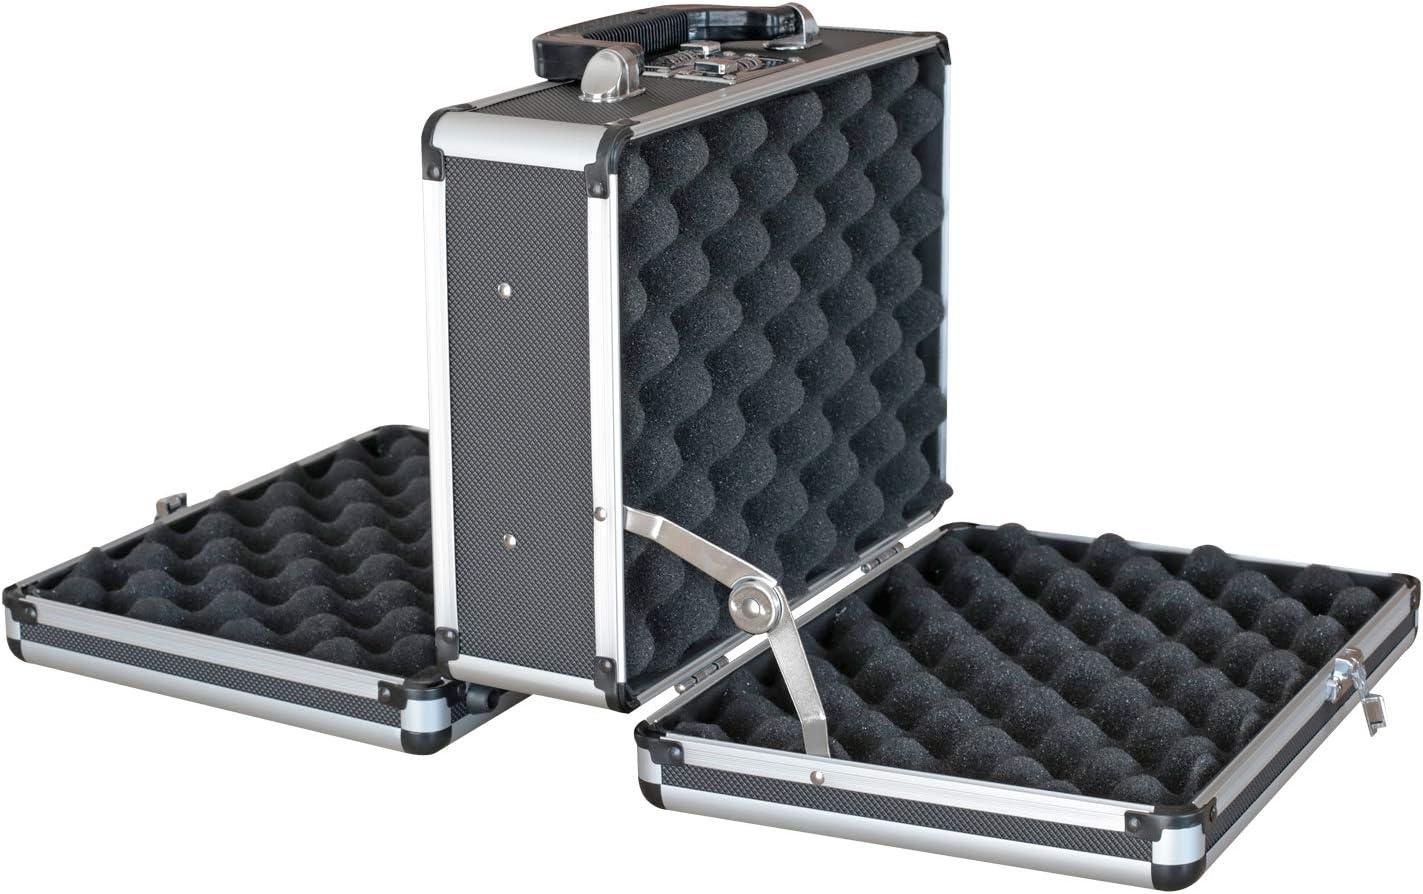 HMF 14411-02 Maleta de Aluminio para 2 Pistolas | Doble Cara | 31 x 26 x 15 cm | Negro